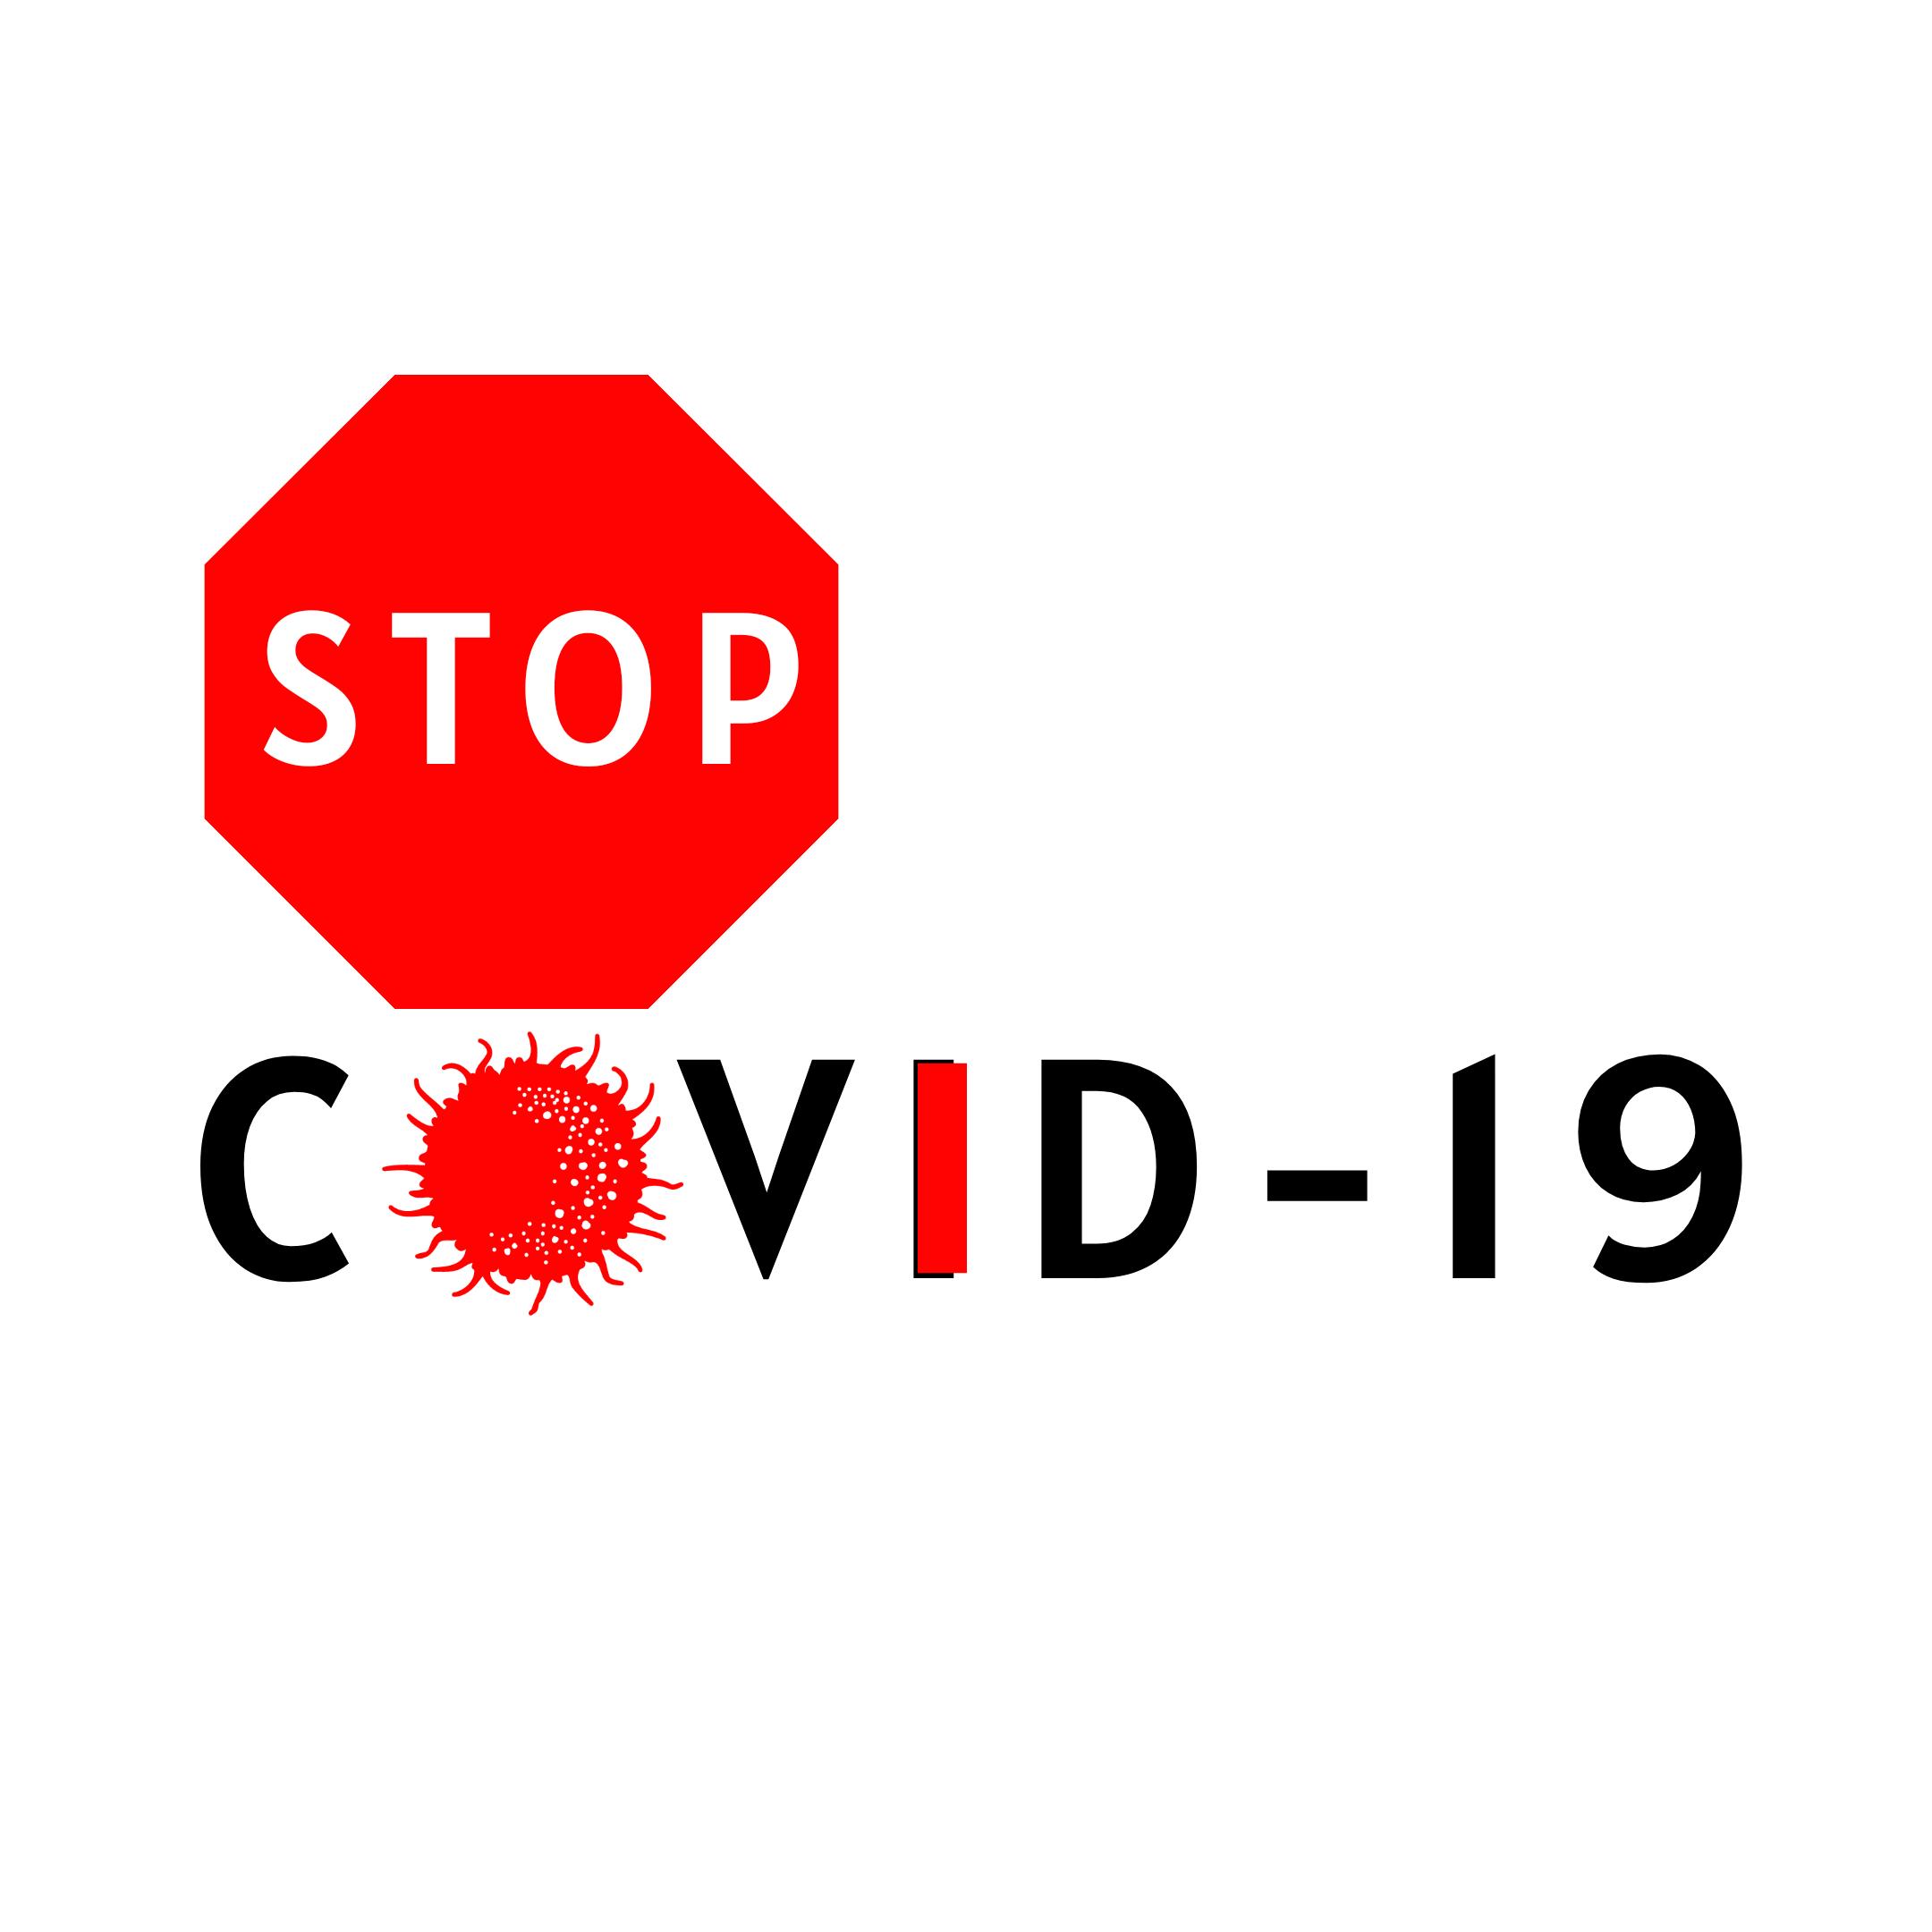 【お客様へのご案内】新型コロナウイルス対策について